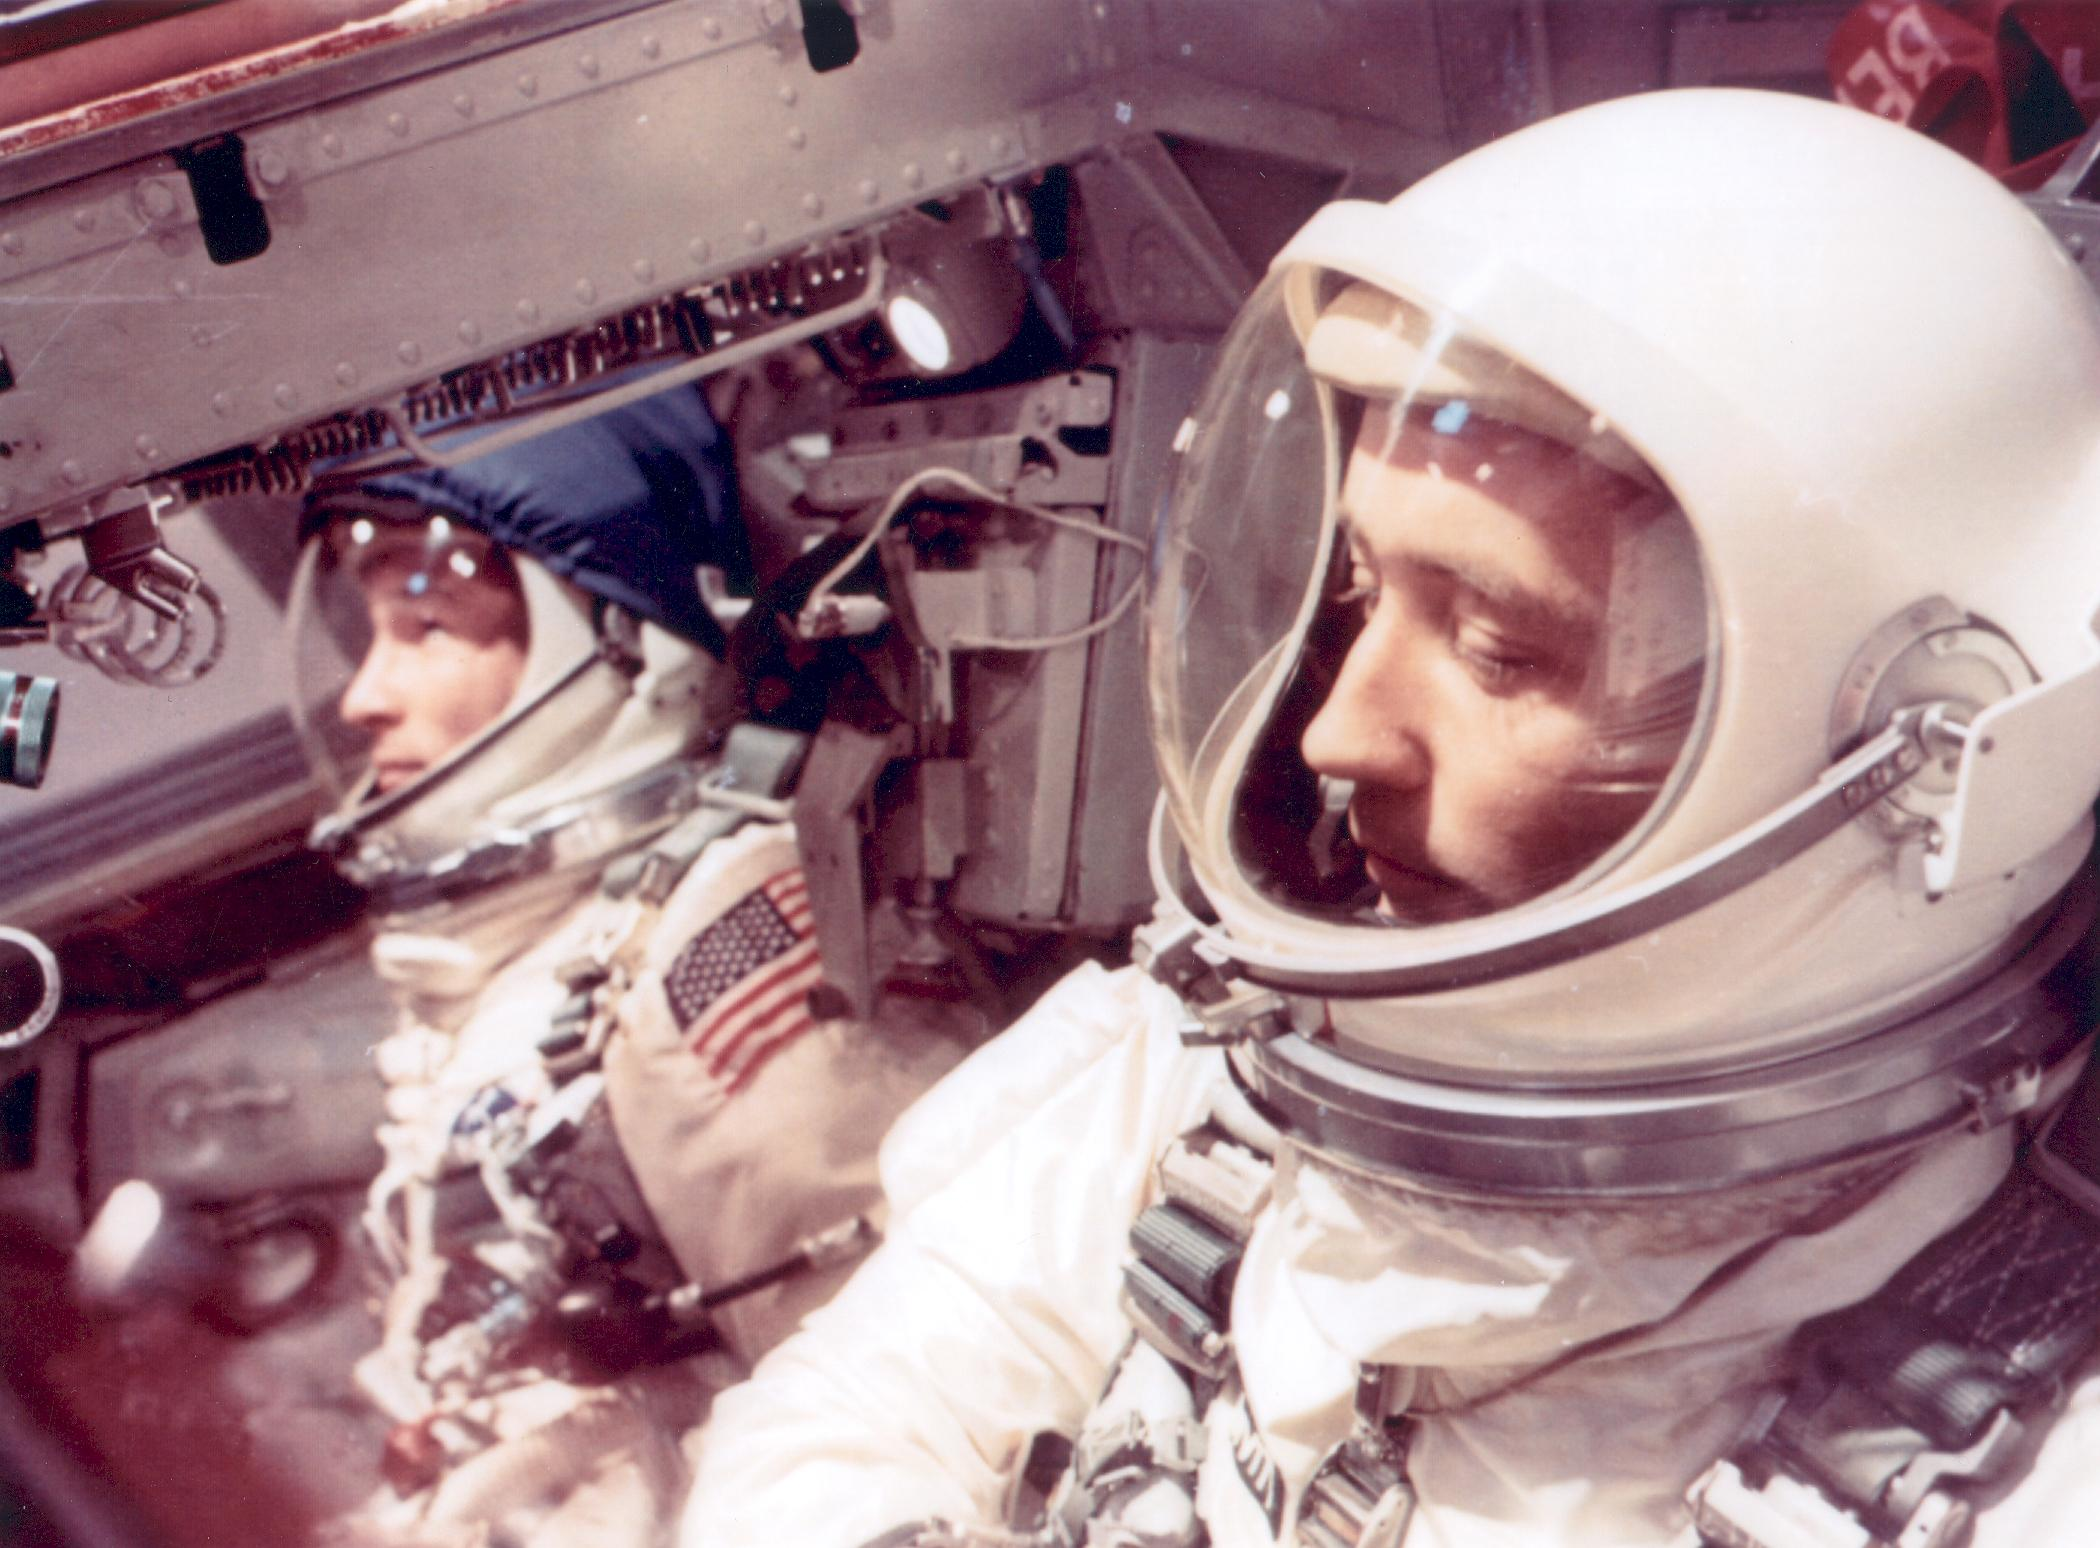 gemini 4 spacecraft documents - photo #16